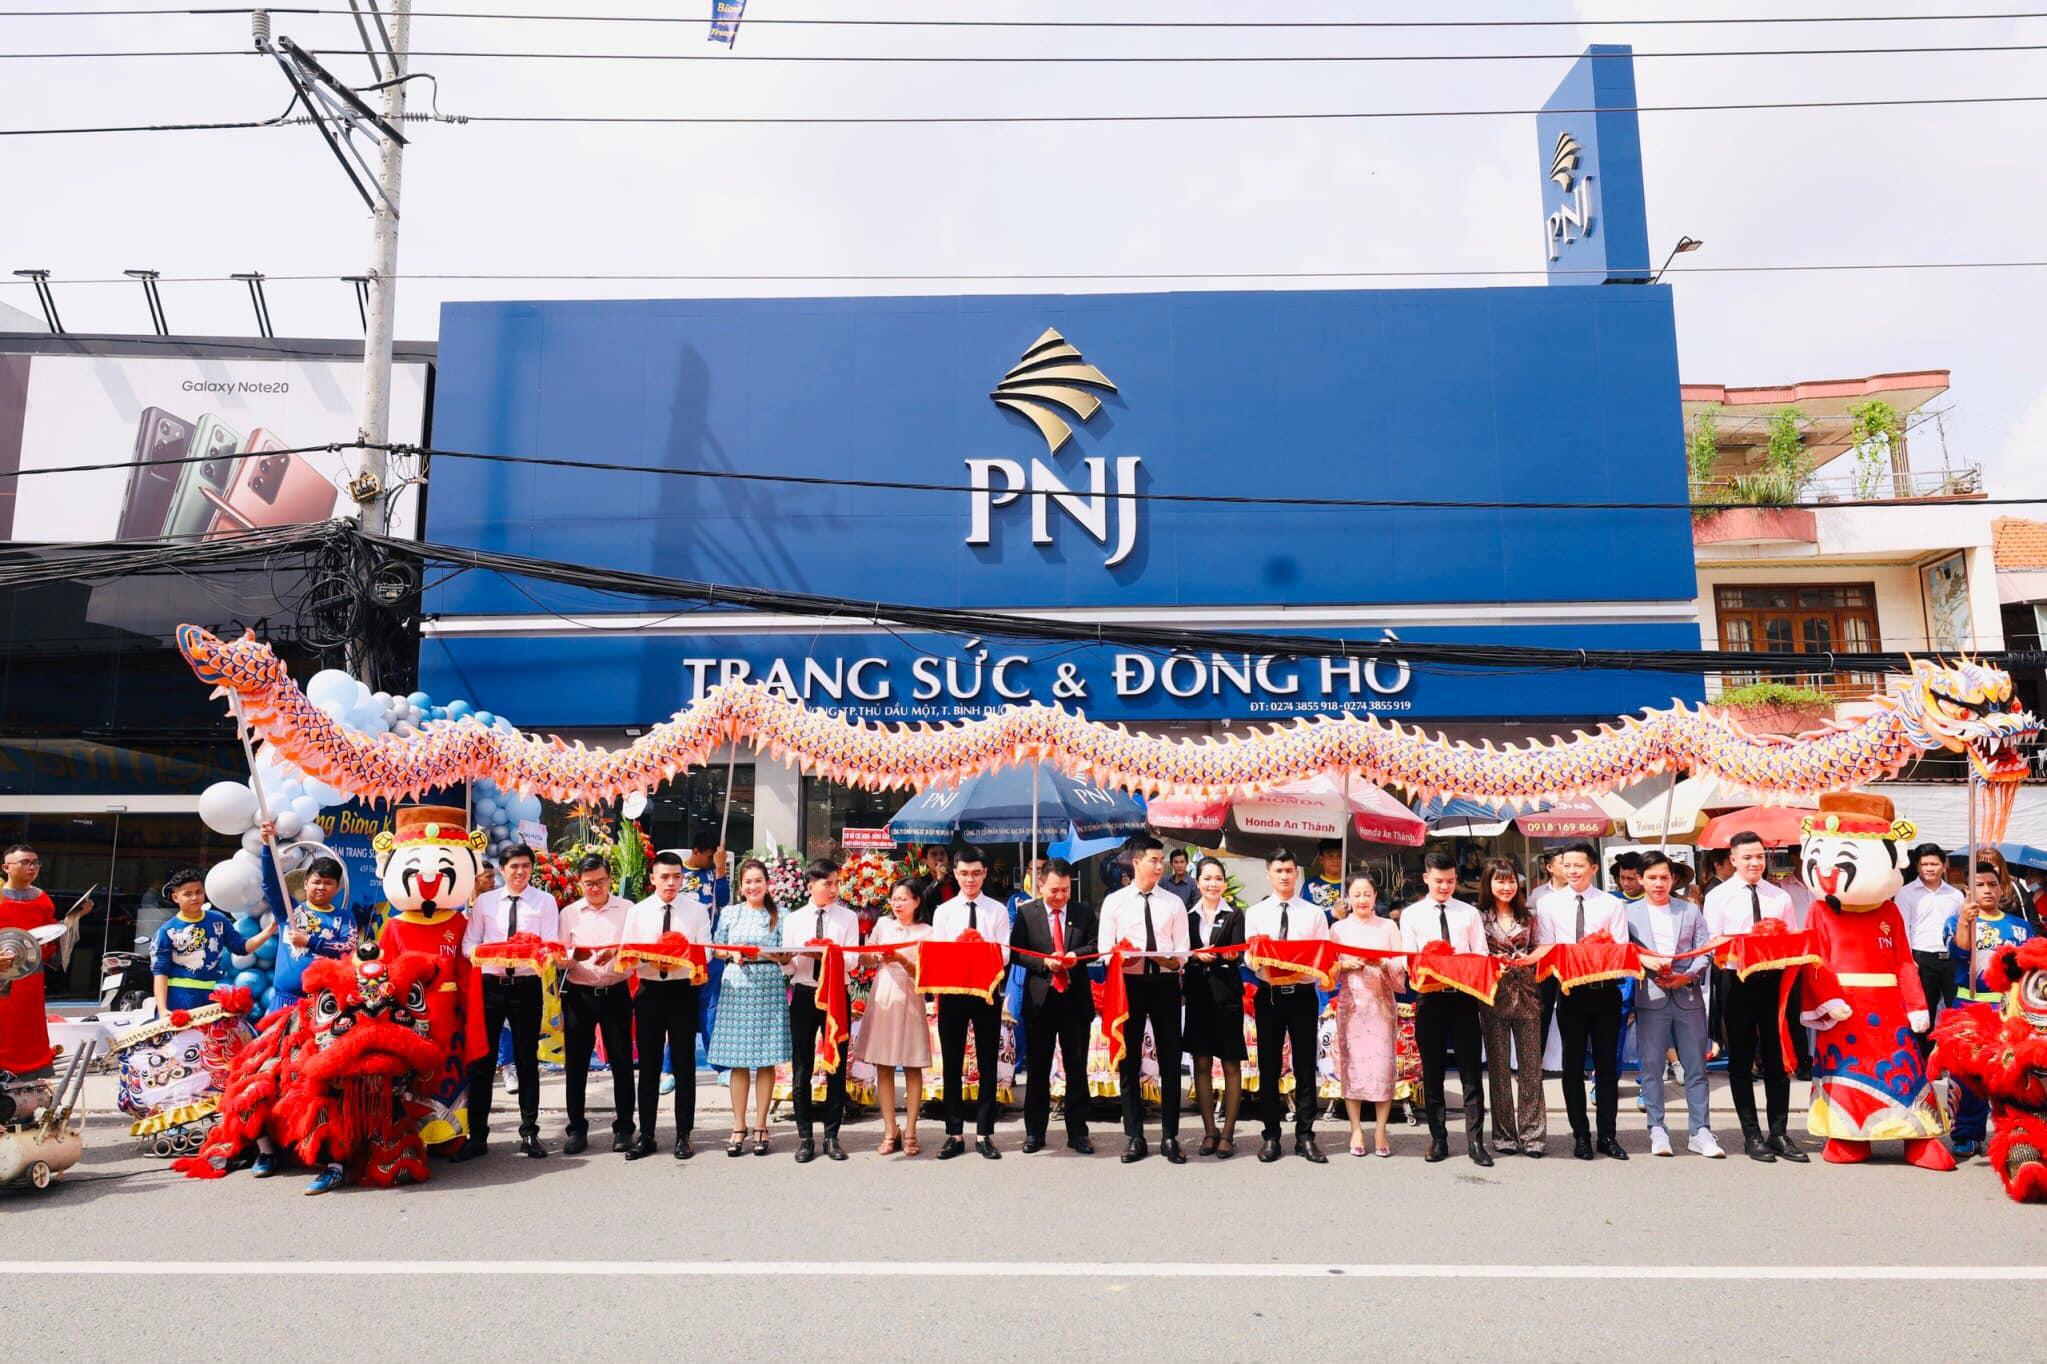 Lần đầu tiên mô hình PNJ Next và PNJ Center xuất hiện tại Bình Dương 2